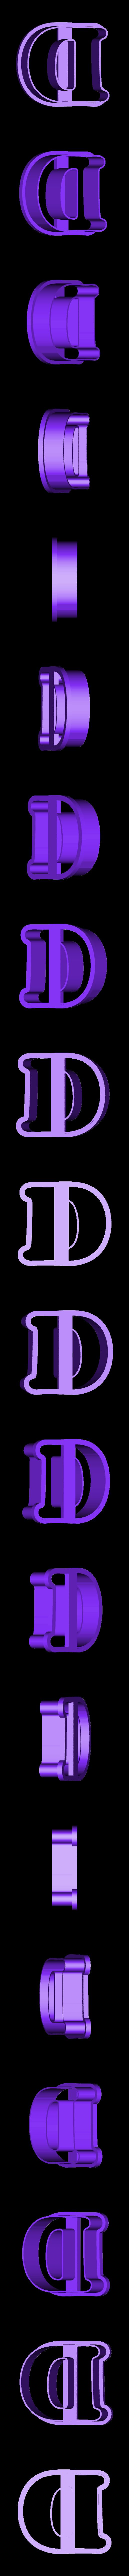 D.stl Download STL file sharp letters Cooper Black • 3D printing model, juanchininaiara